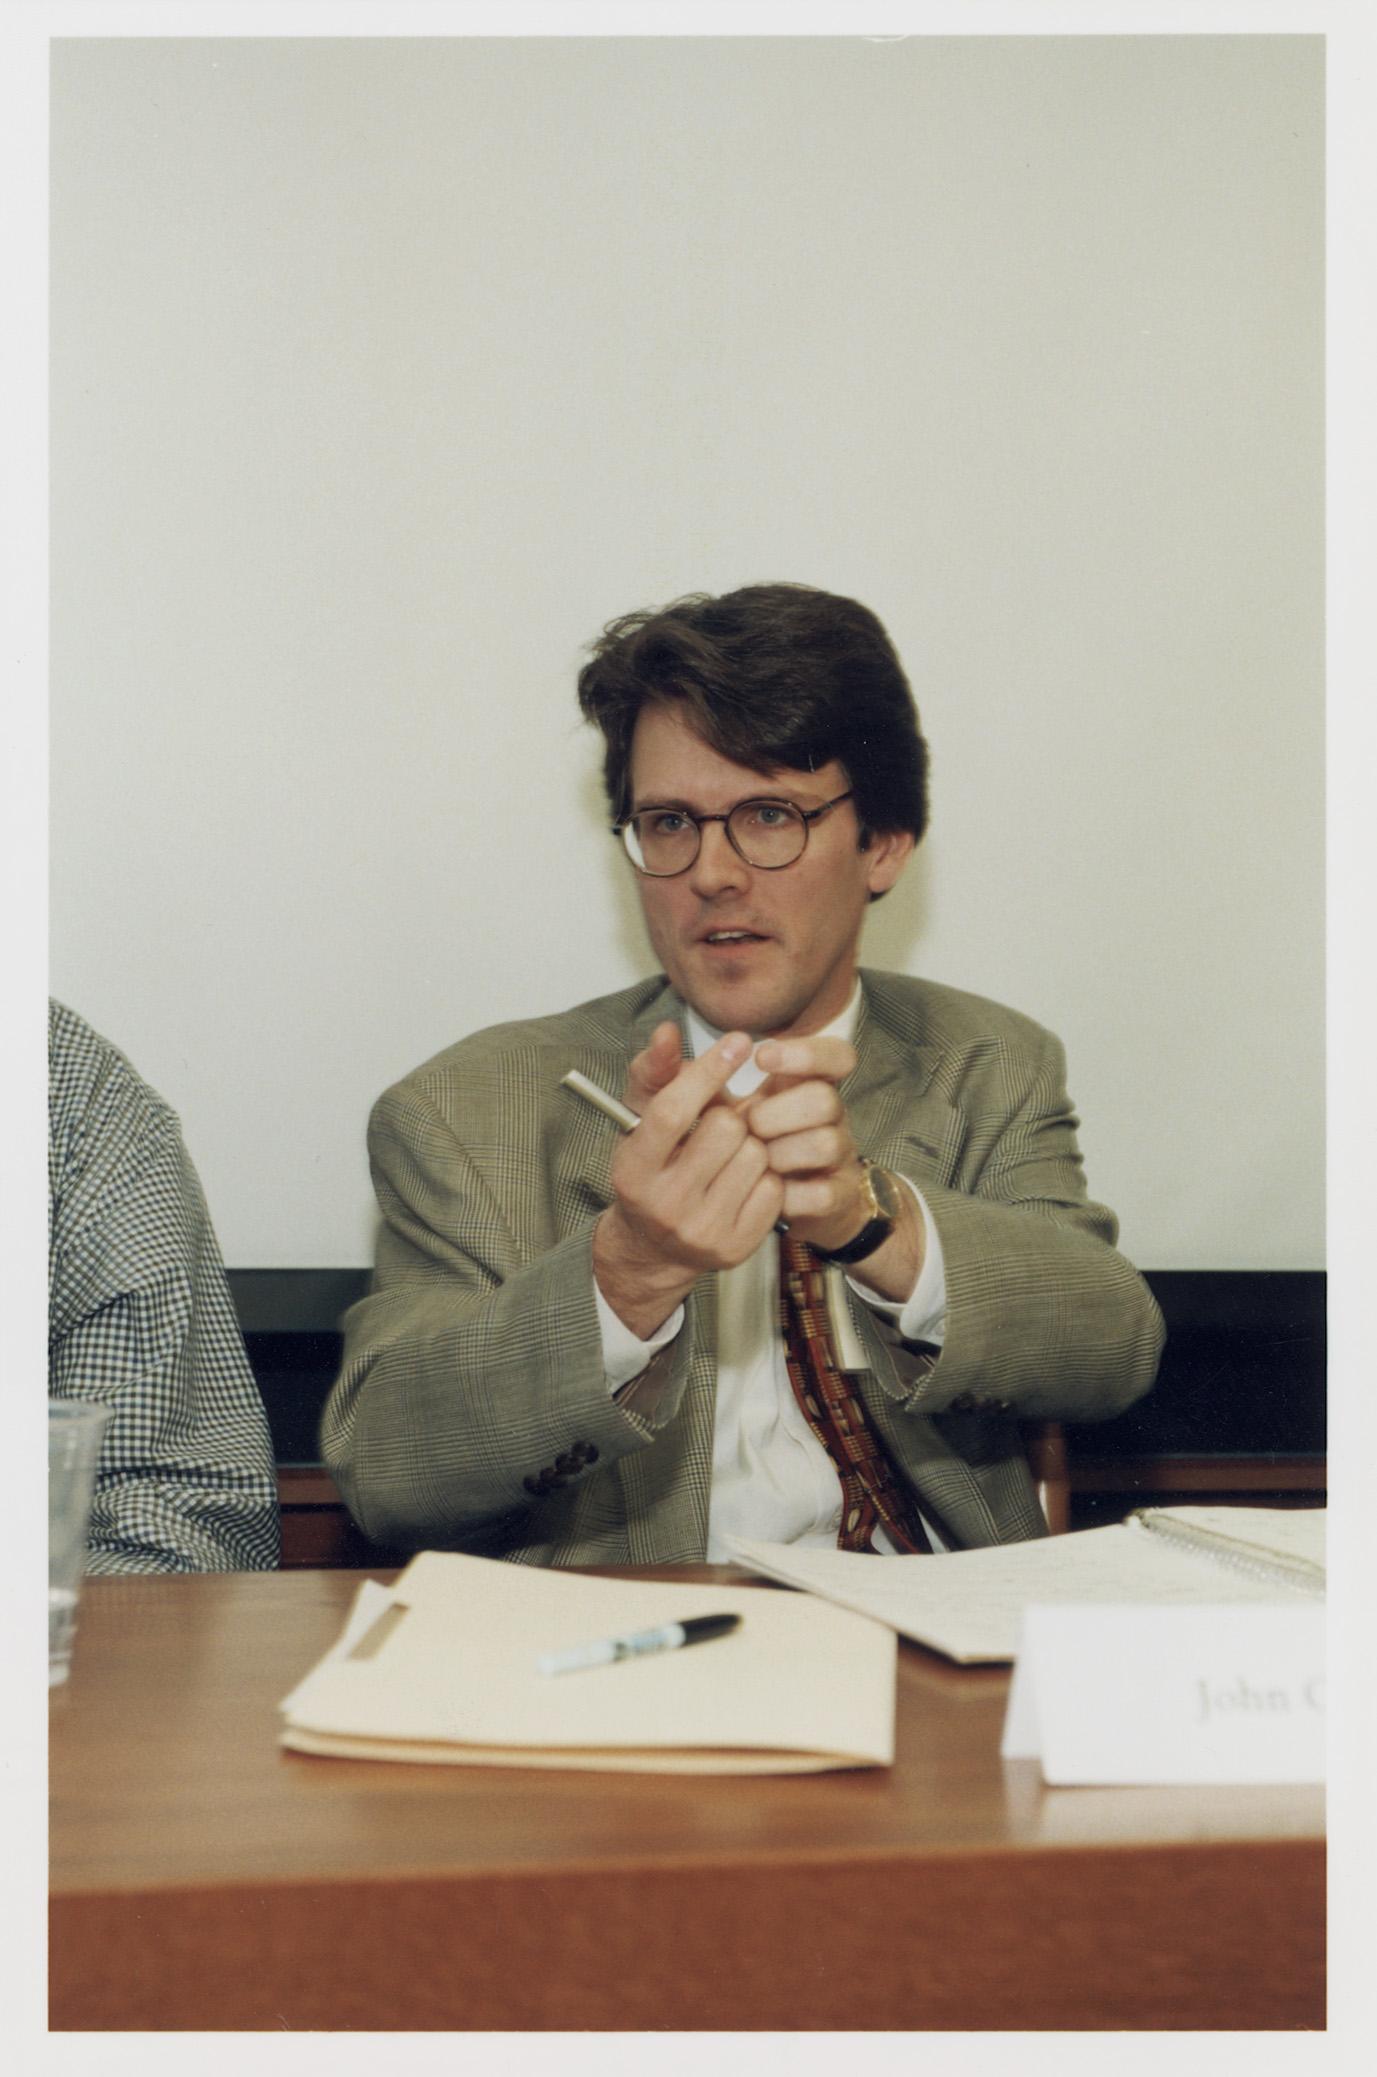 Harvard Law Prof. John Coates